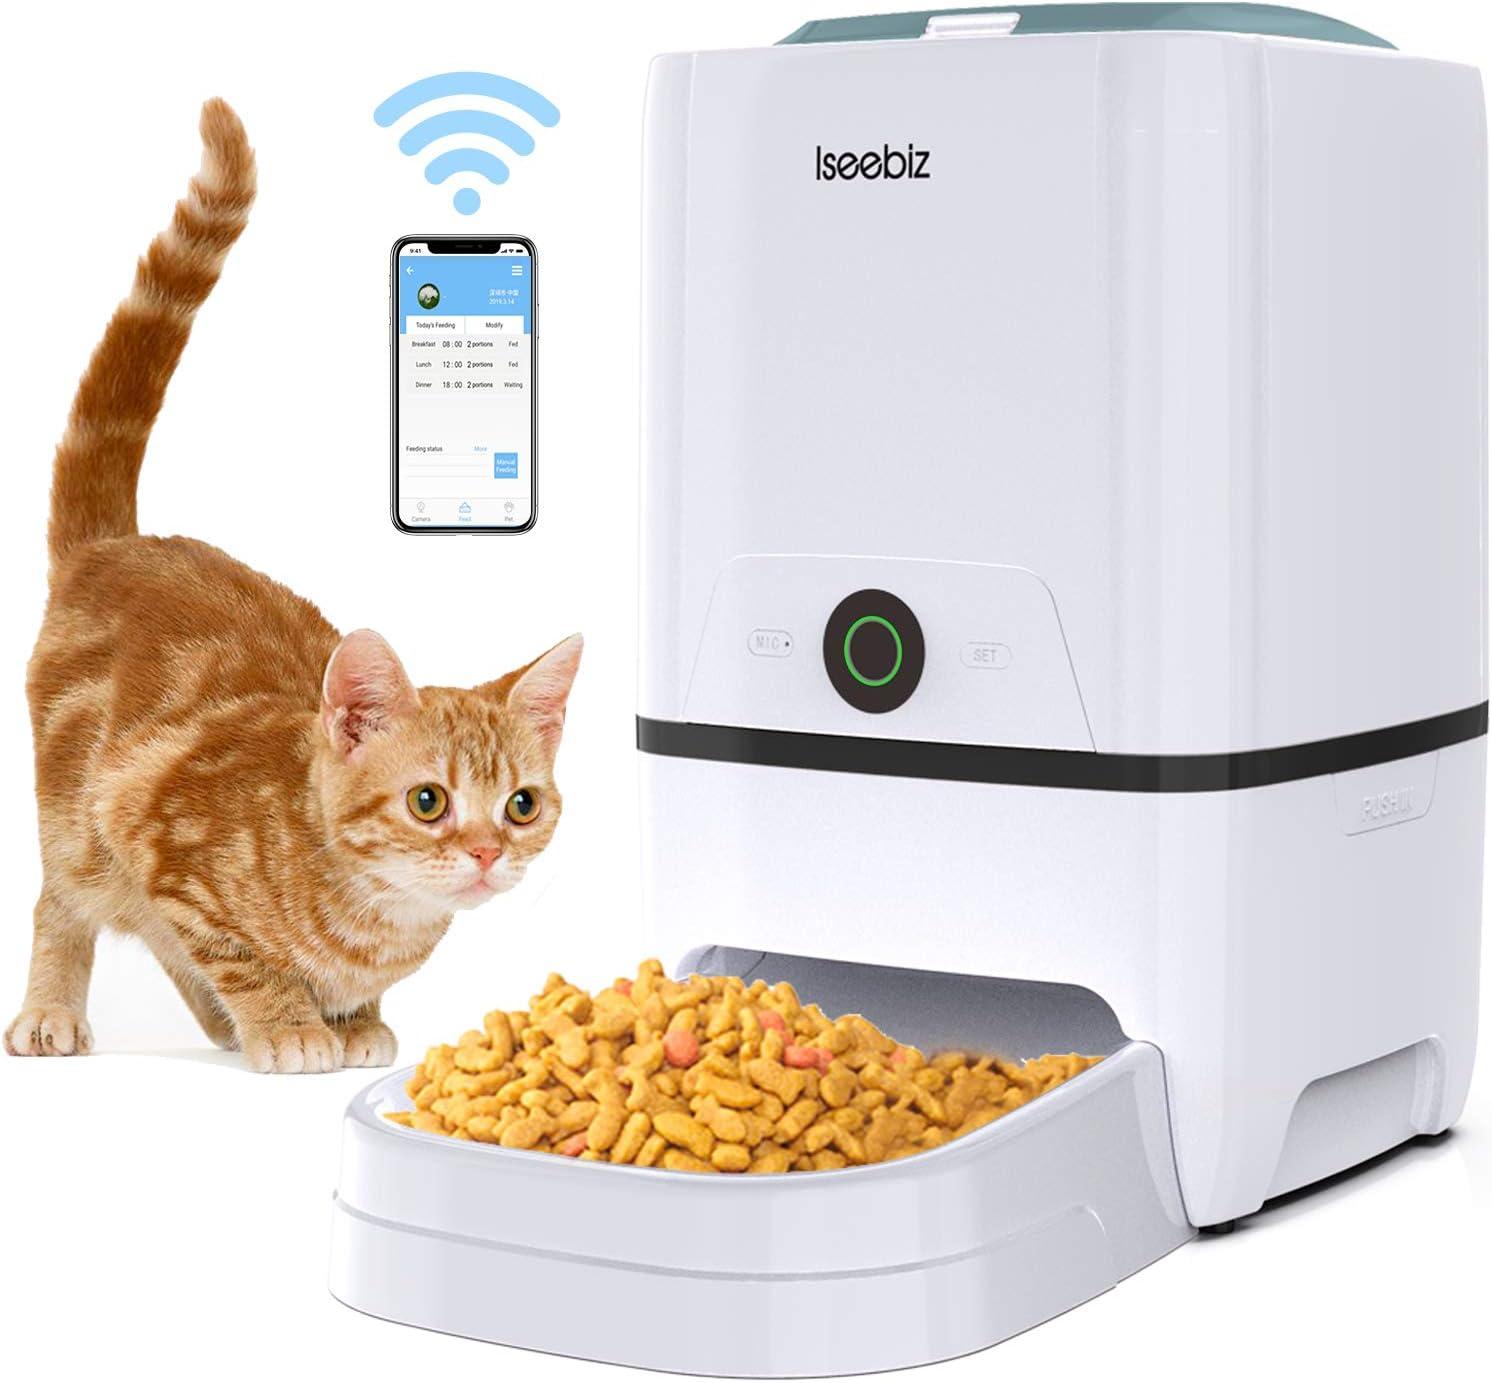 comedero automático para gatos, con cámara y micrófono comida a distancia color blanco